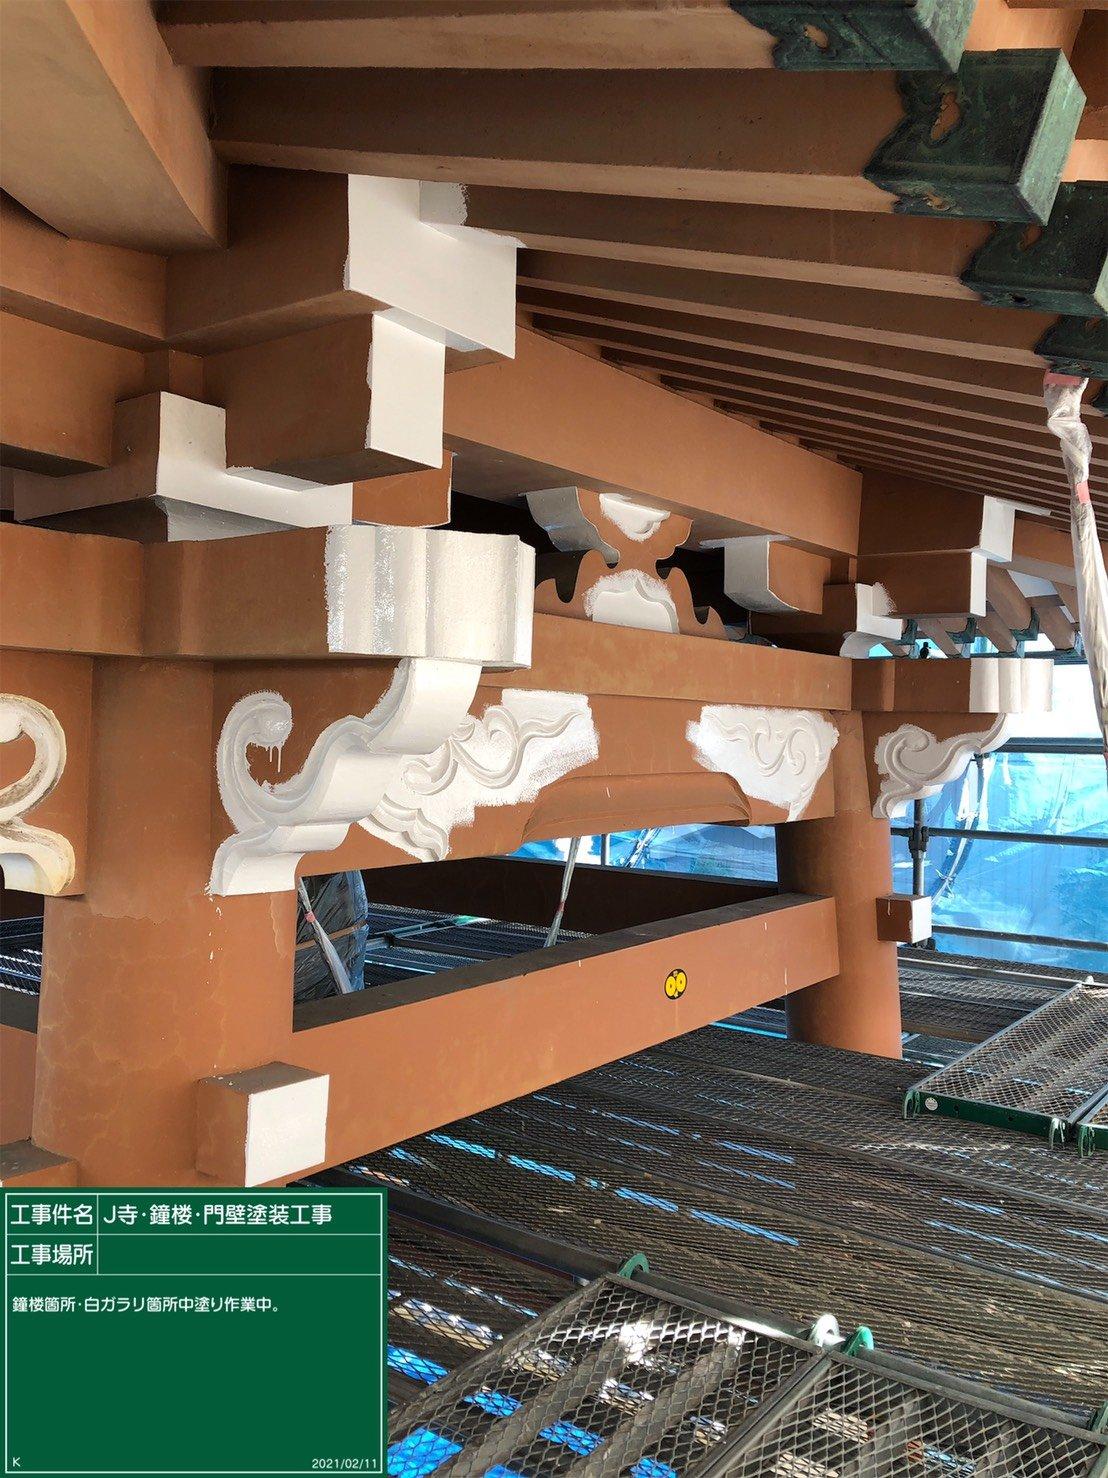 名古屋市中川区で鐘楼の改修工事をしています。